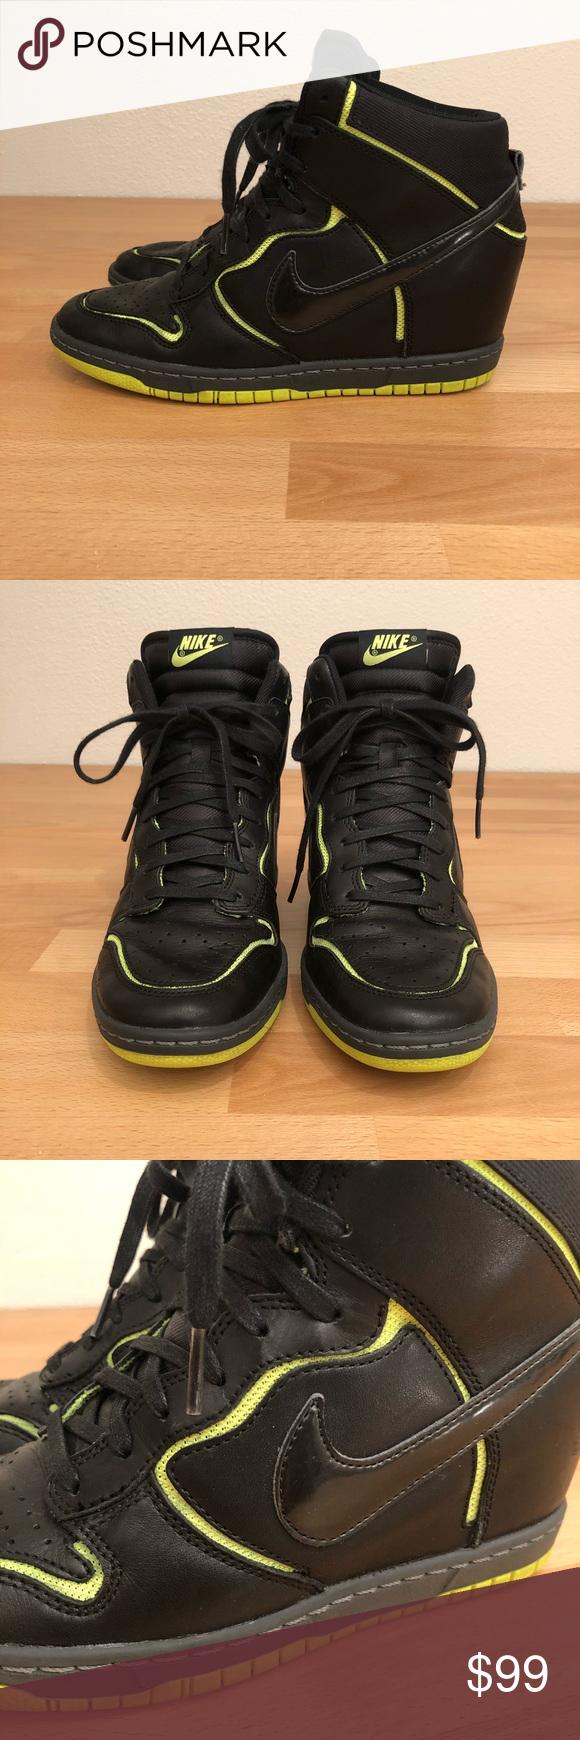 I just added this listing on Poshmark: Nike Dunk Sky Hi Wedge. #shopmycloset